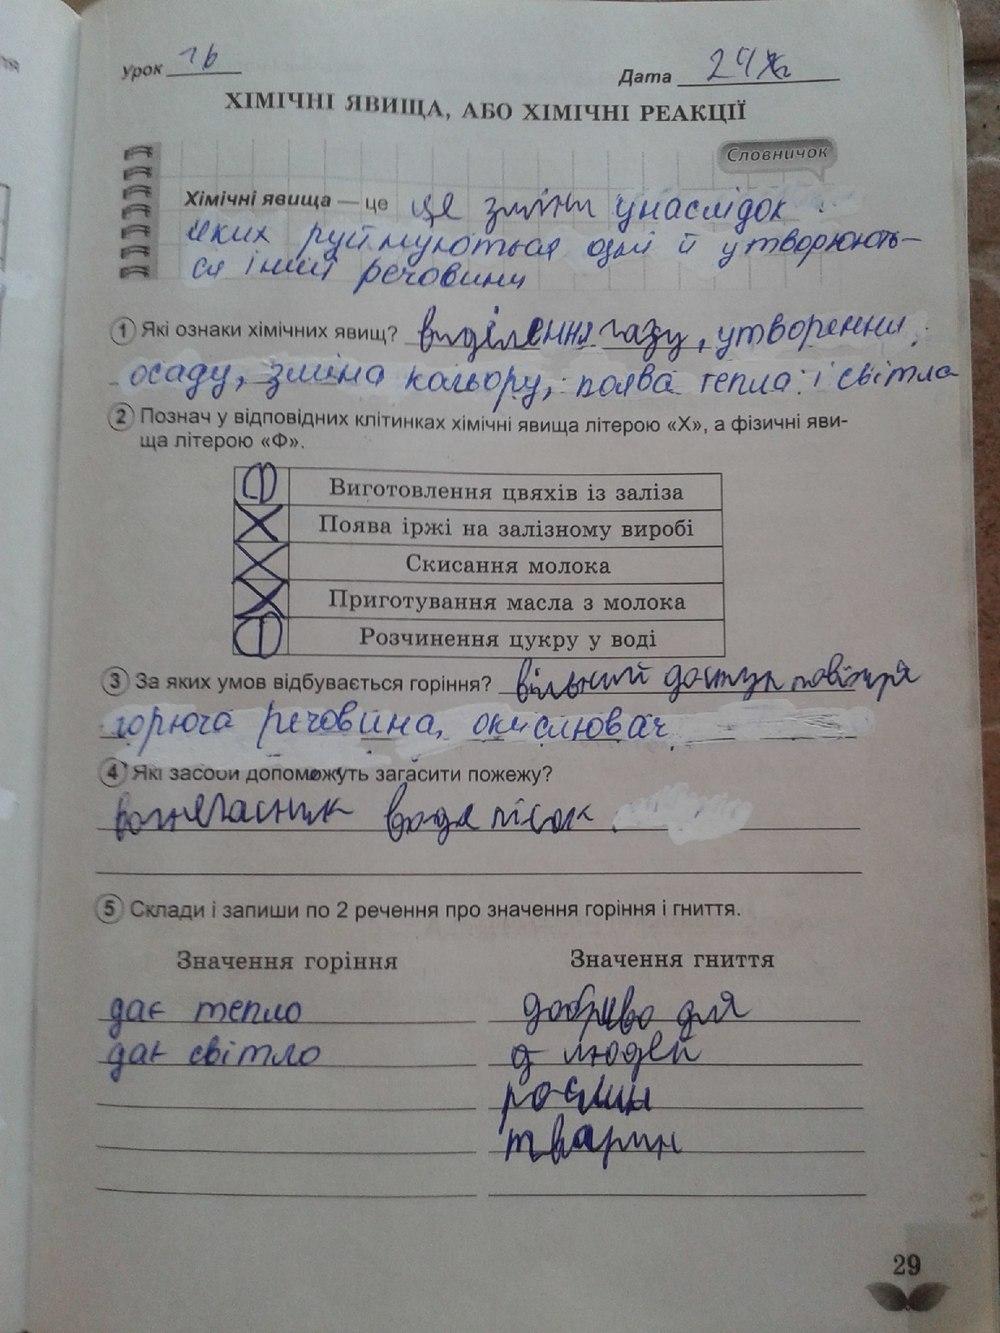 ГДЗ відповіді робочий зошит по биологии 5 класс Коршевнюк Т.В., Ярошенко О.Г.. Задание: стр. 29